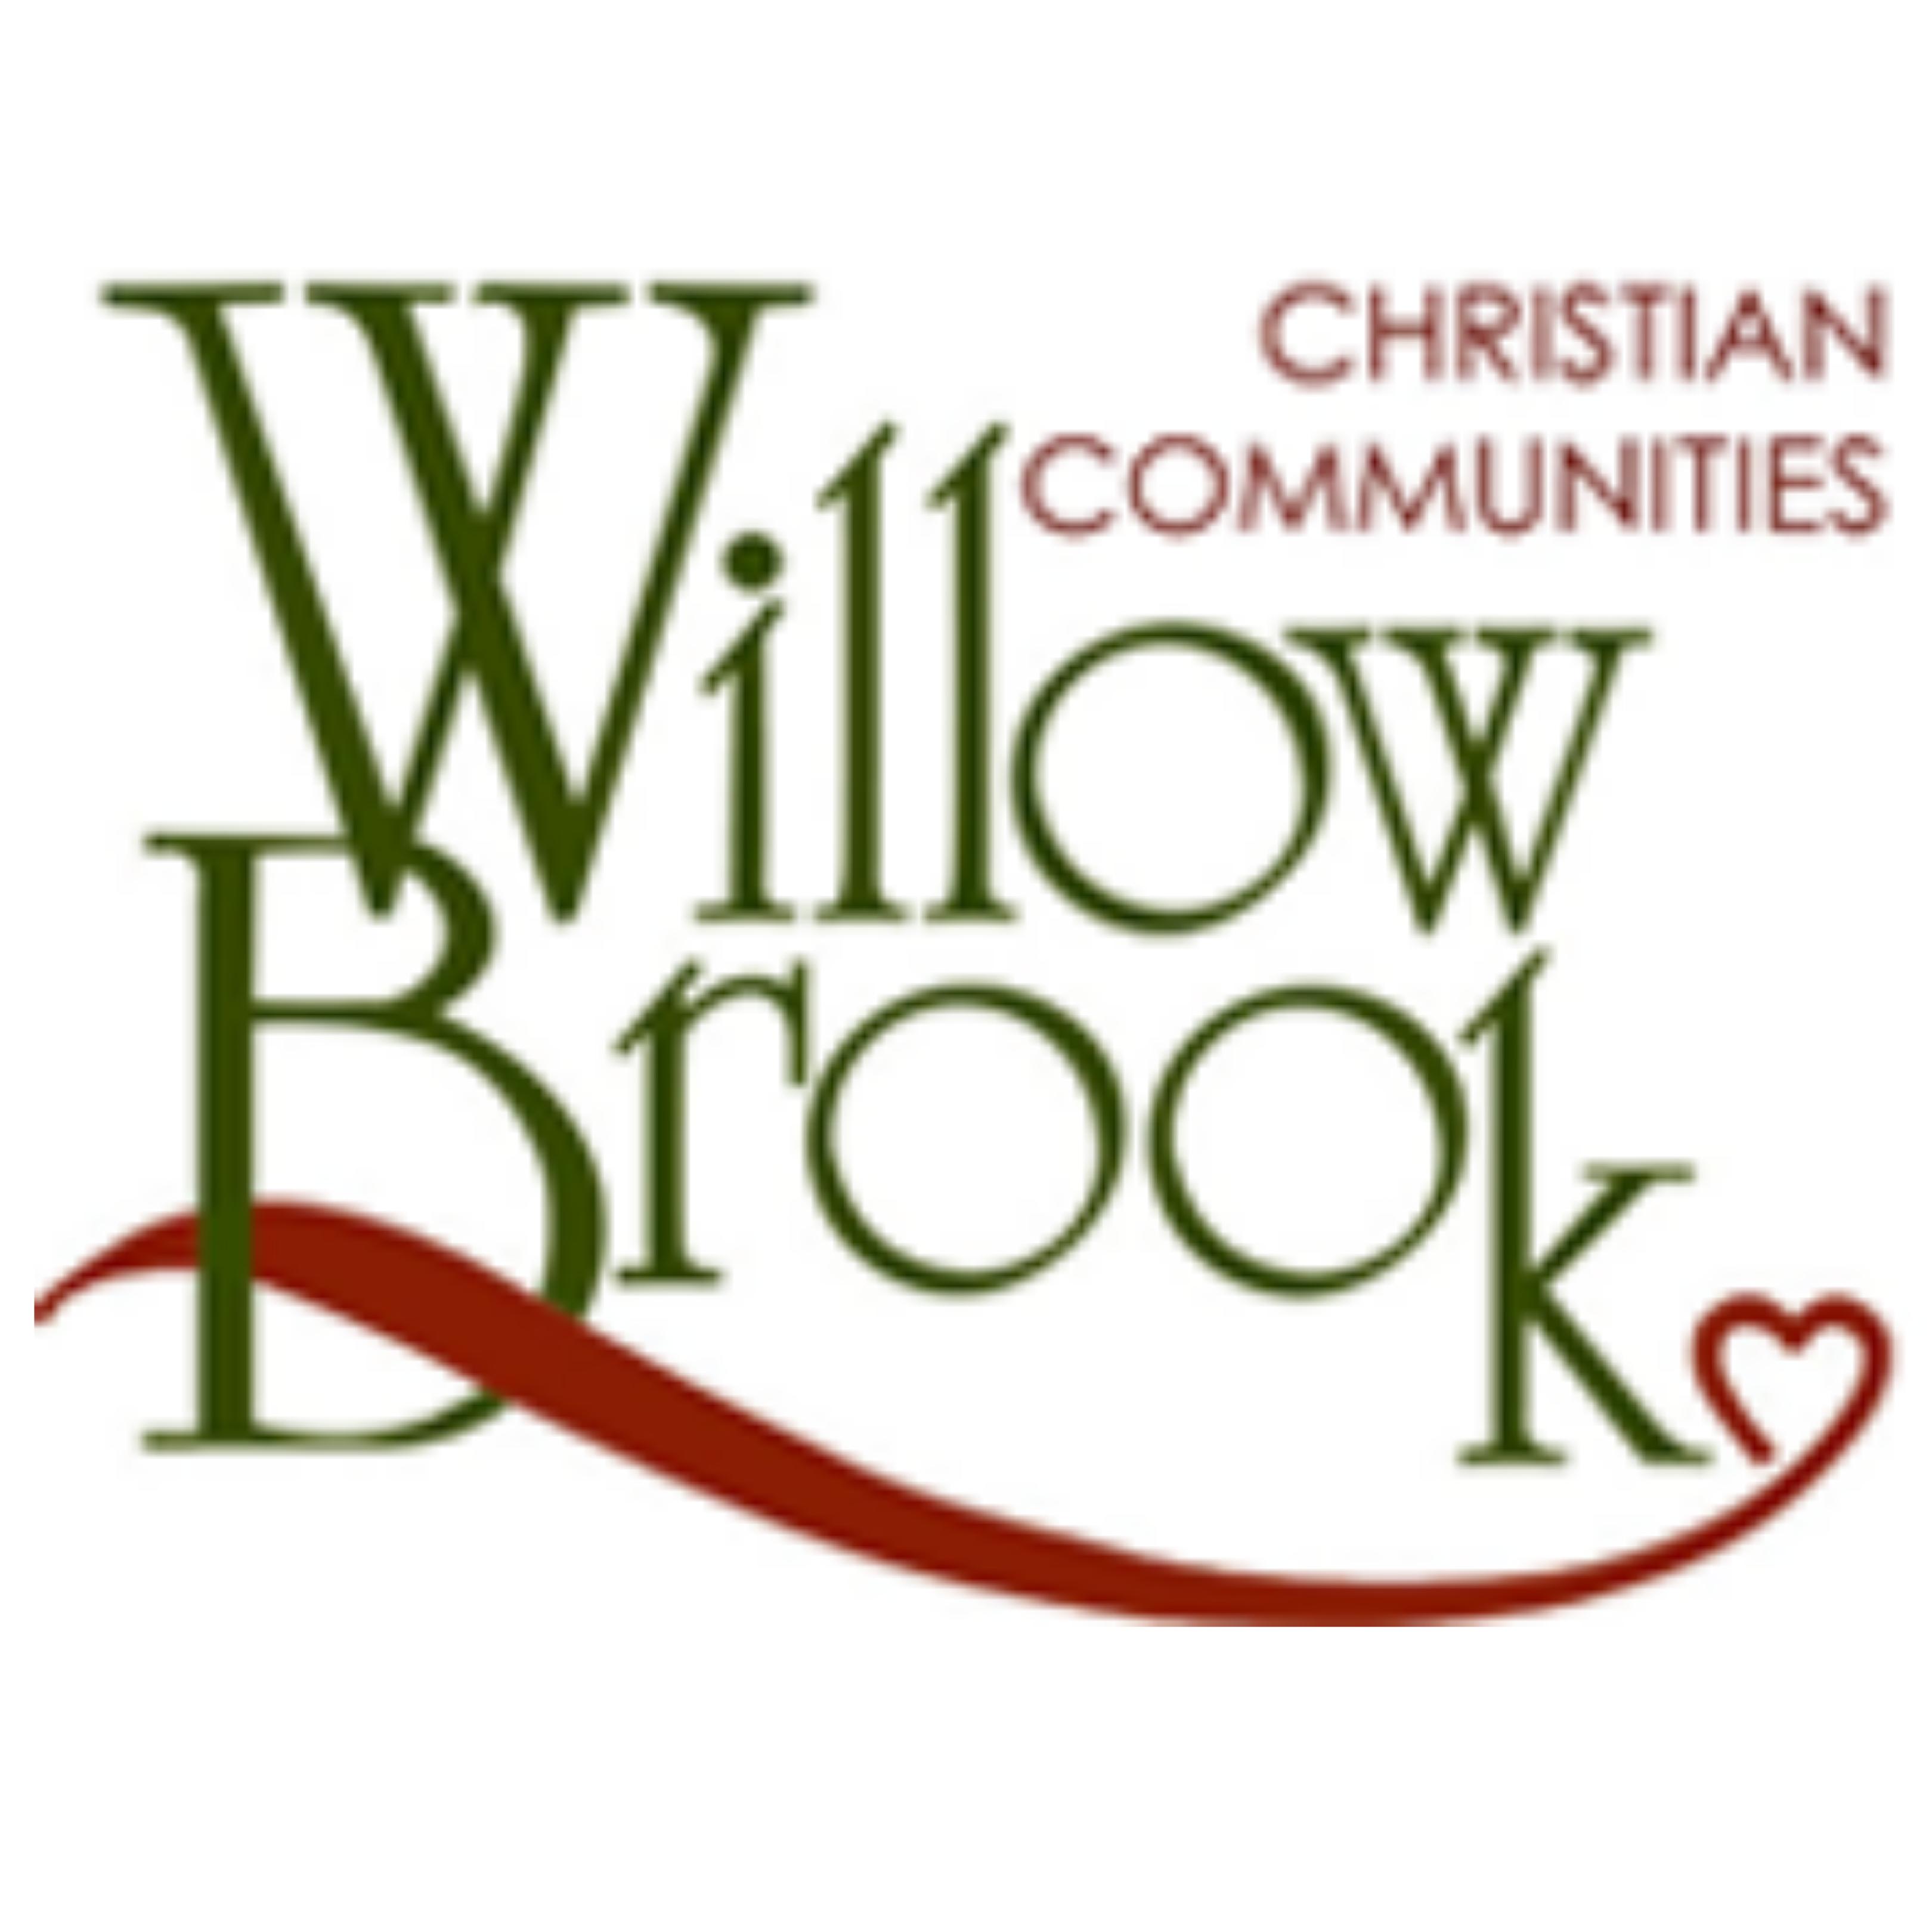 Willow Brook Christian Communities